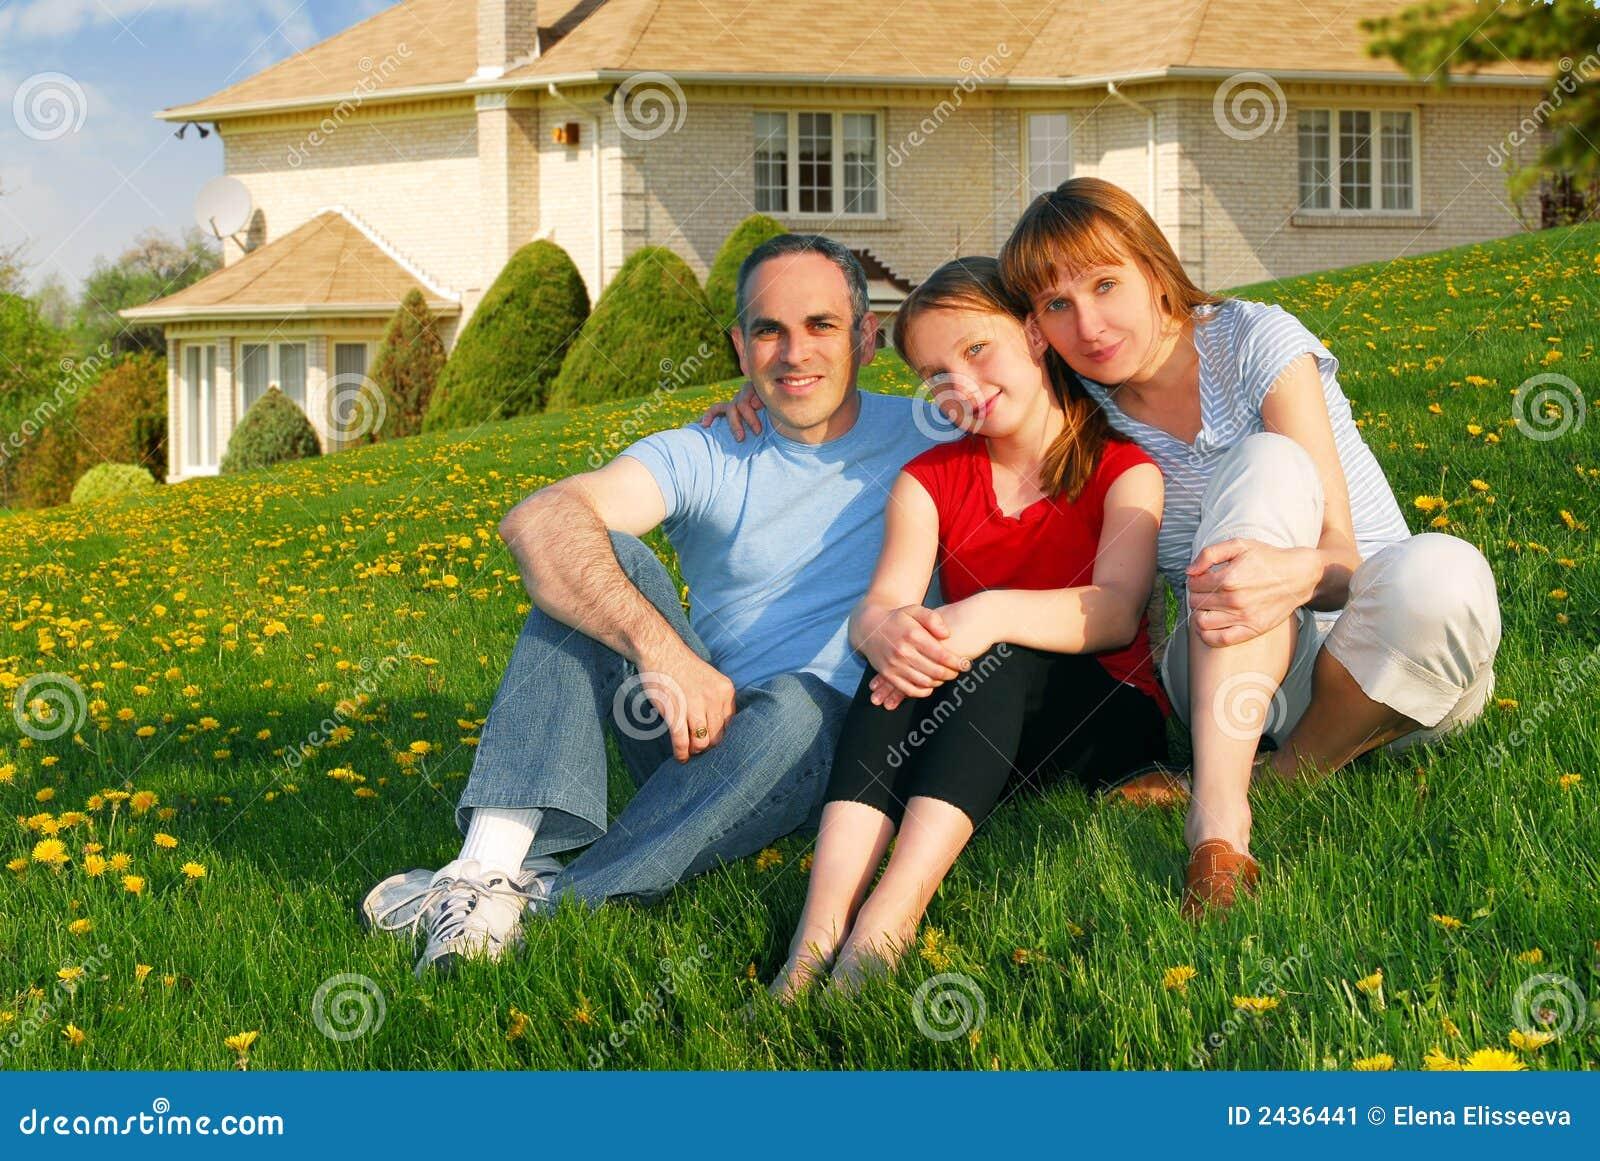 Familia en una casa imagen de archivo imagen de estado 2436441 - Casas para familias numerosas ...